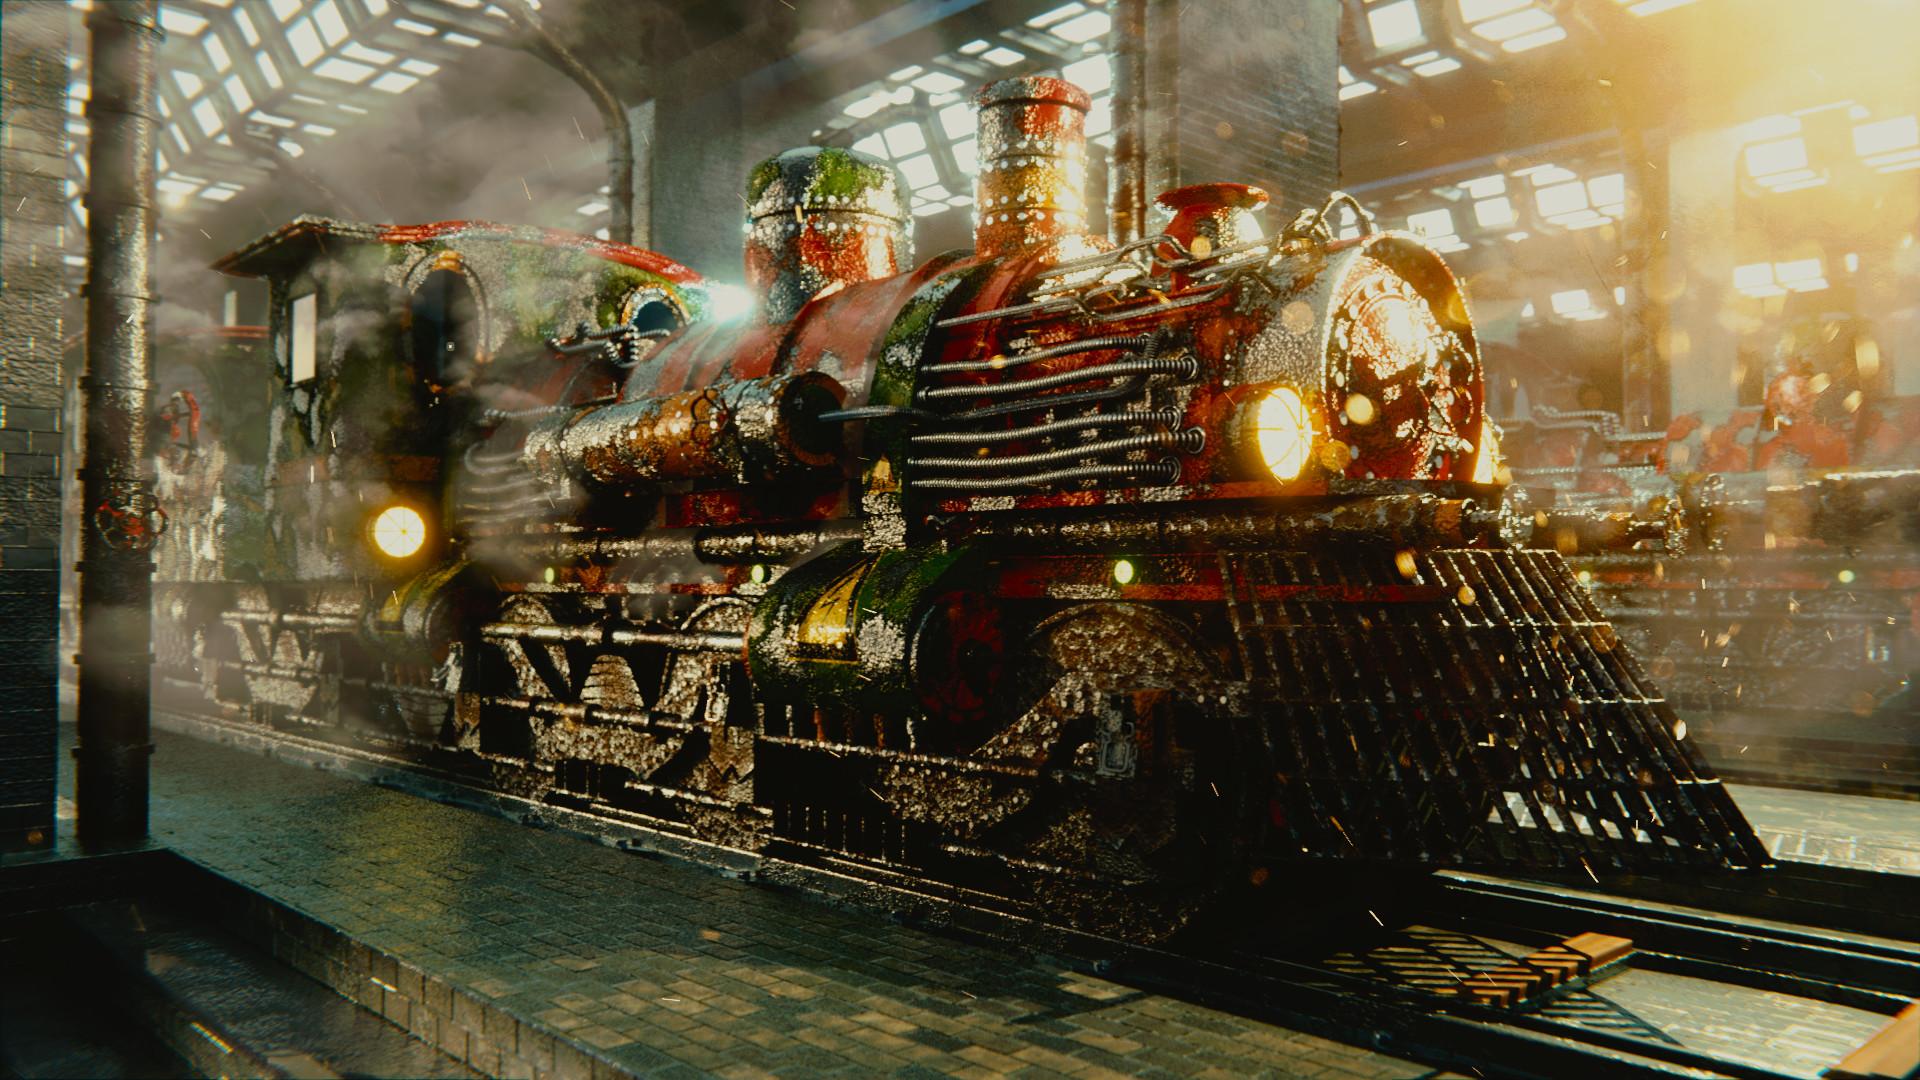 ArtStation - Steampunk Train, Marco Di Vita